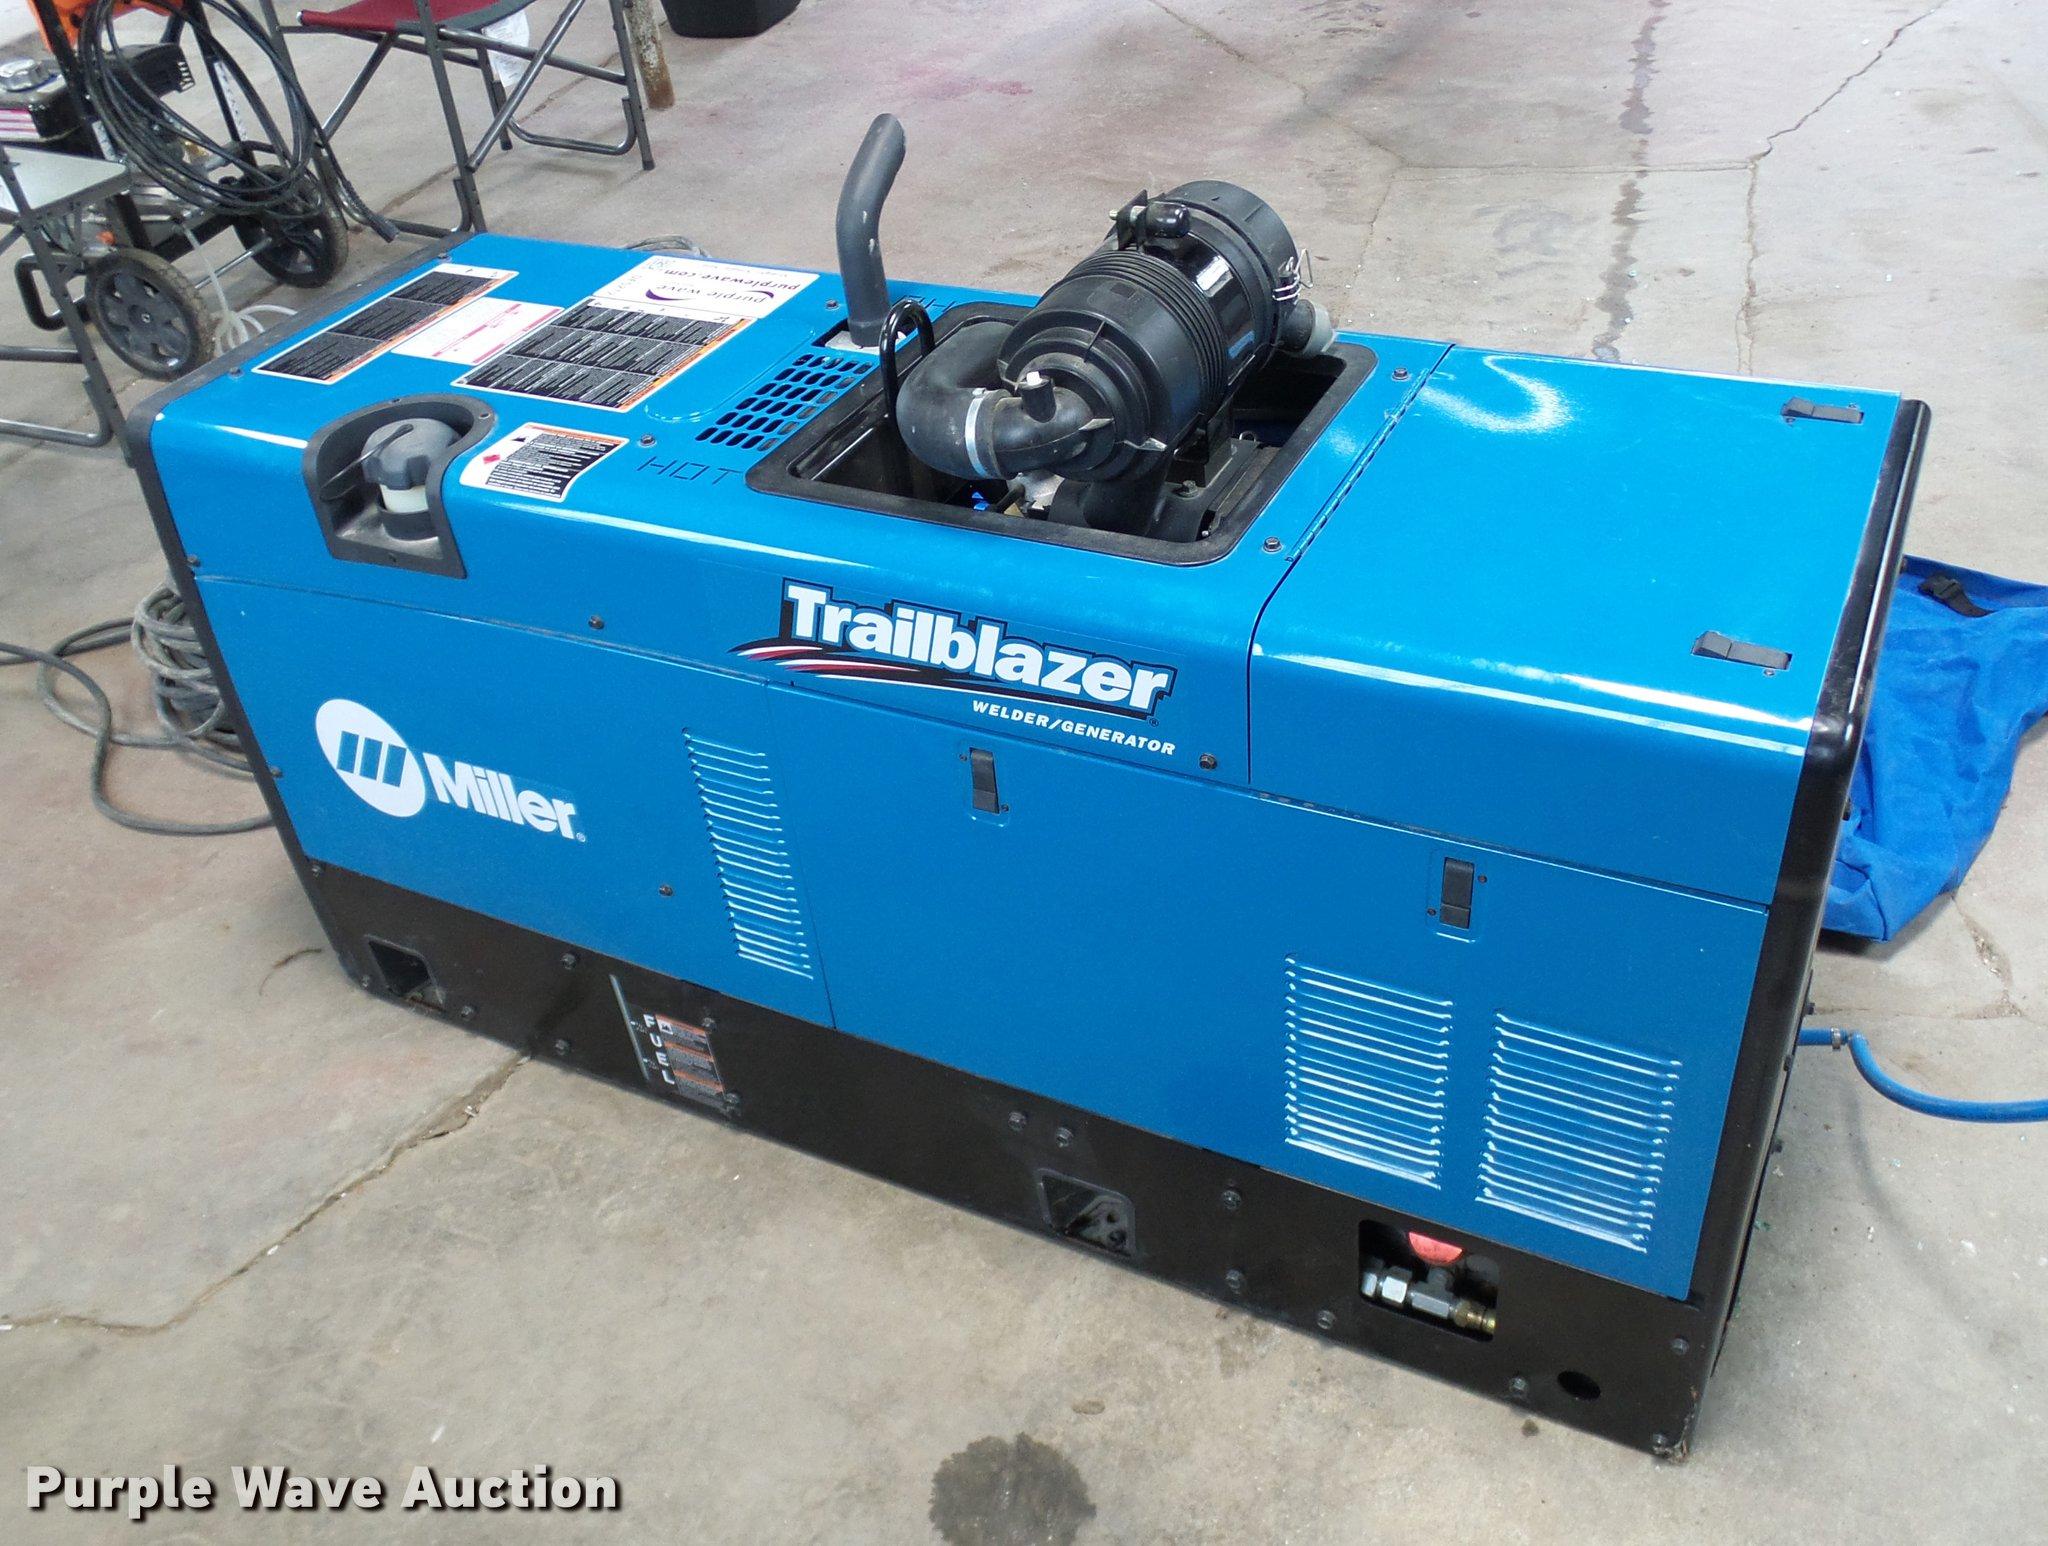 2017 Miller Trailblazer 302 Air Pak welder/generator with ai